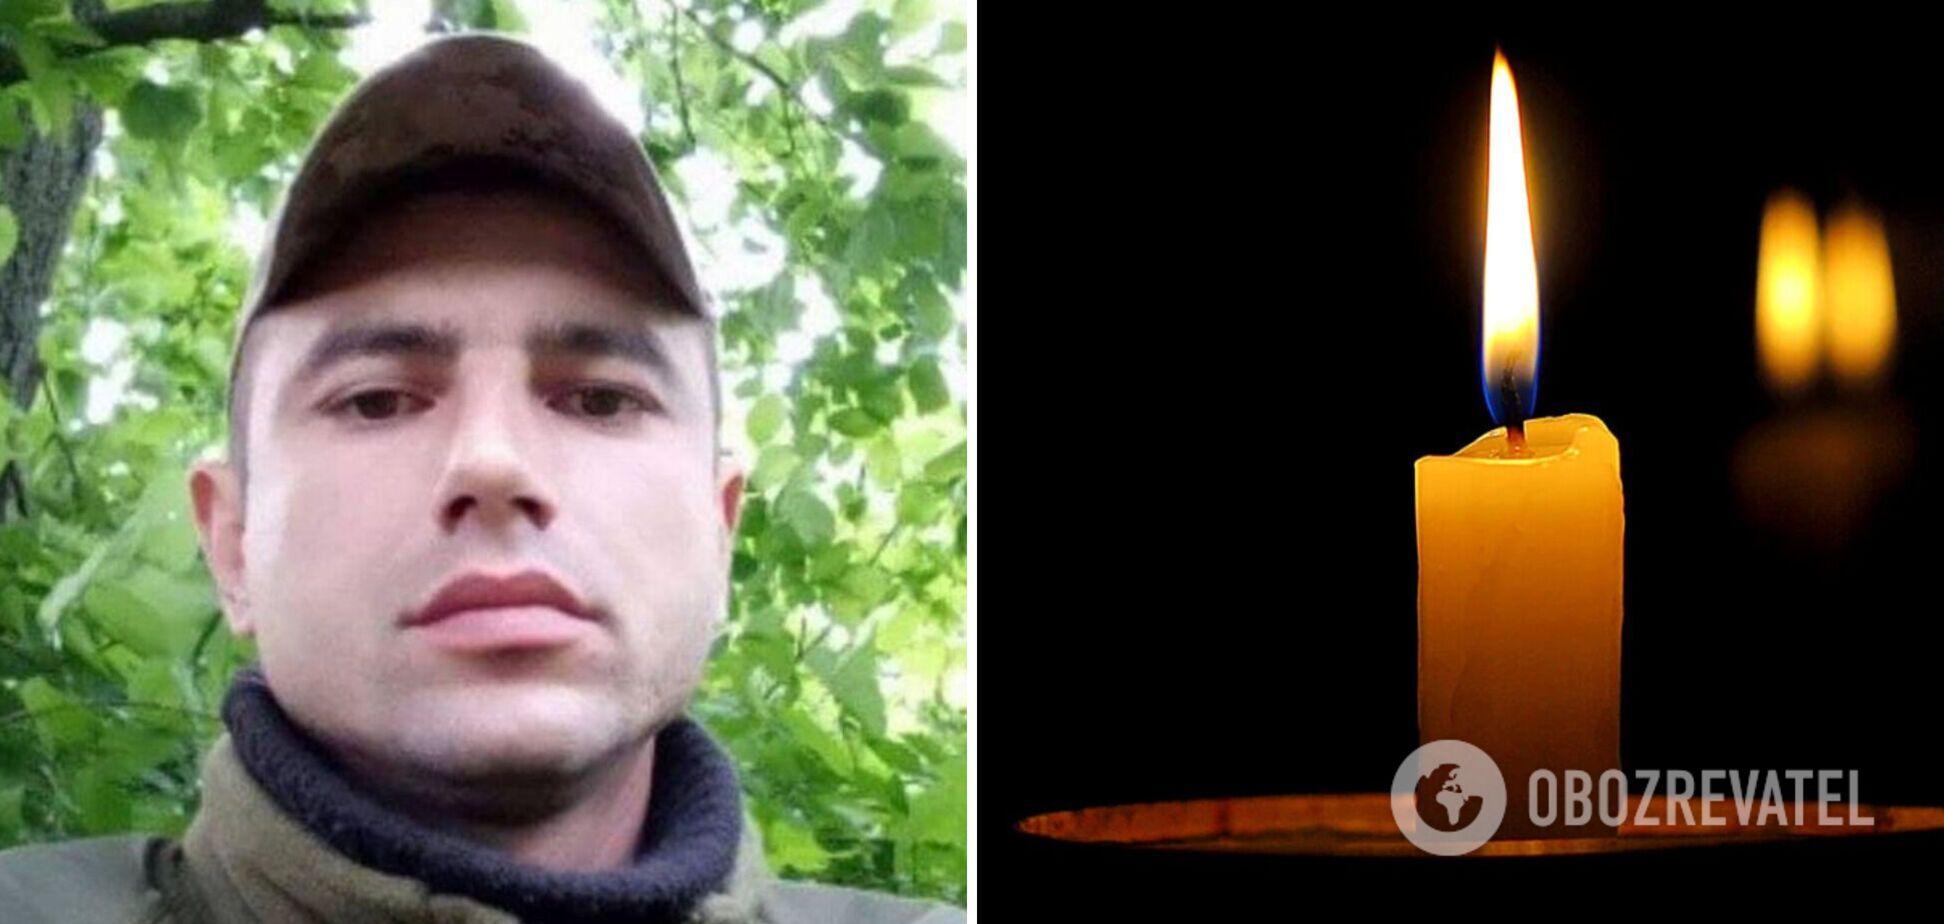 На Донбасі загинув молодий військовослужбовець із Запоріжжя: названо ім'я загиблого захисника. Фото